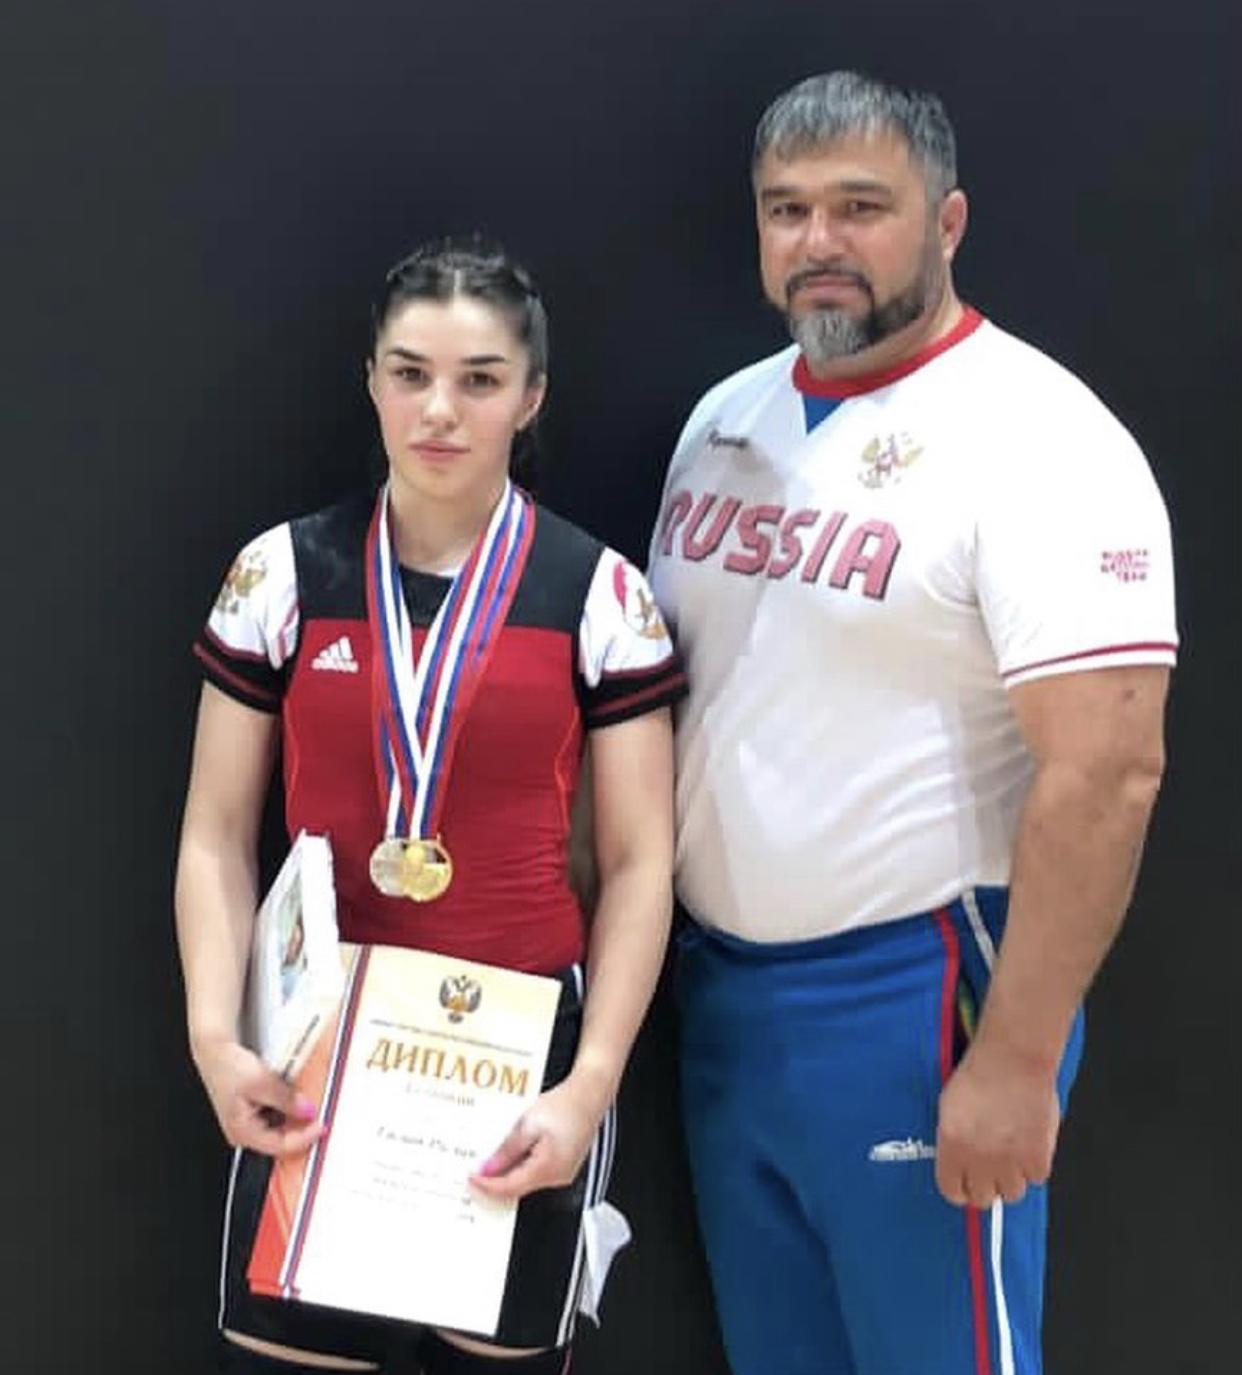 Мария Гасиева завоевала «золото» первенства России по тяжелой атлетике